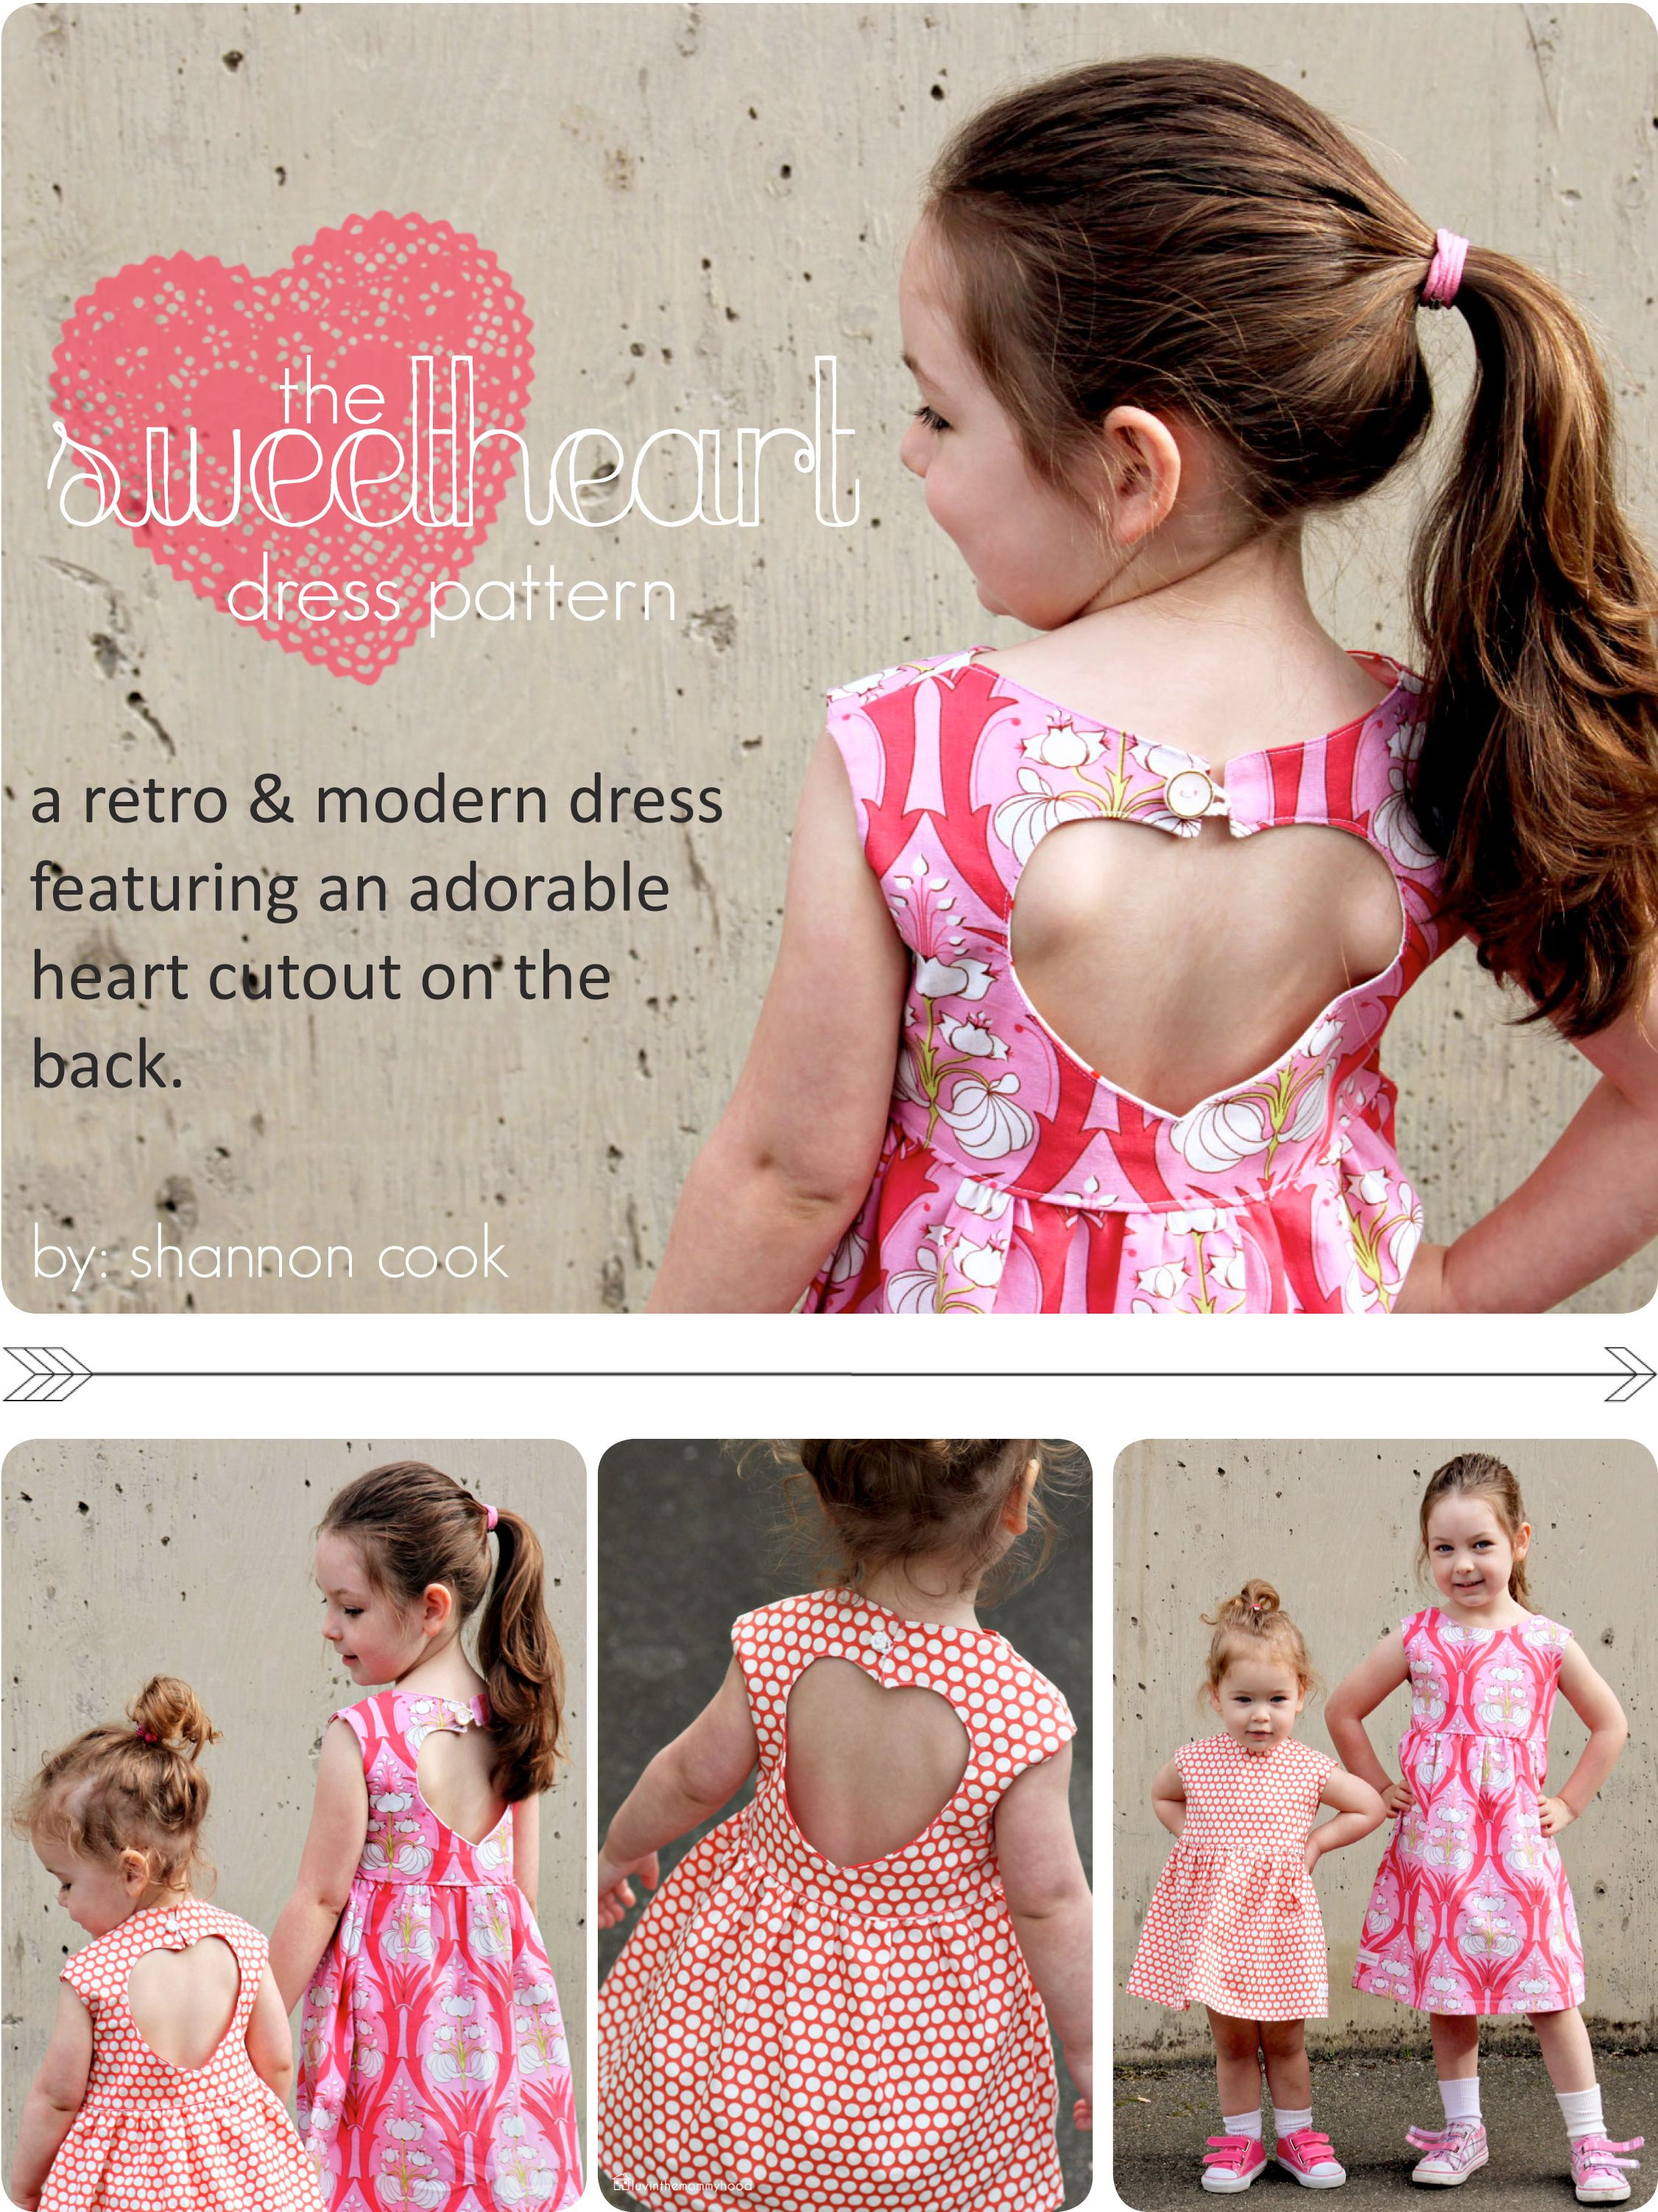 Tutorial tuesday sweetheart bubble dress pattern remix from you dress patterns jeuxipadfo Choice Image